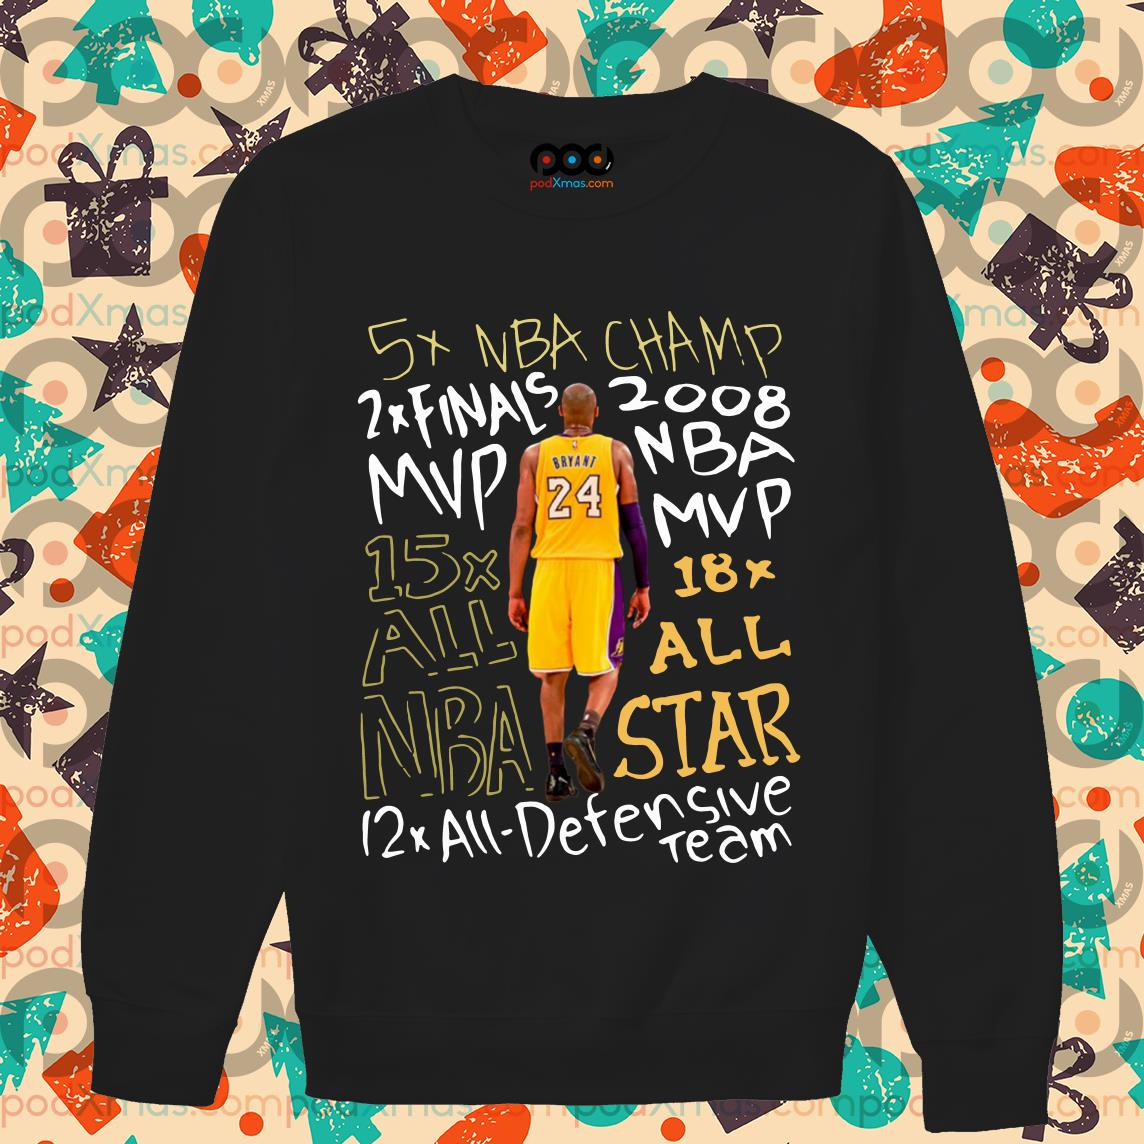 Kobe Bryant 24 5X NBA Champ 2x Finals 2007 MVP NBA sweater